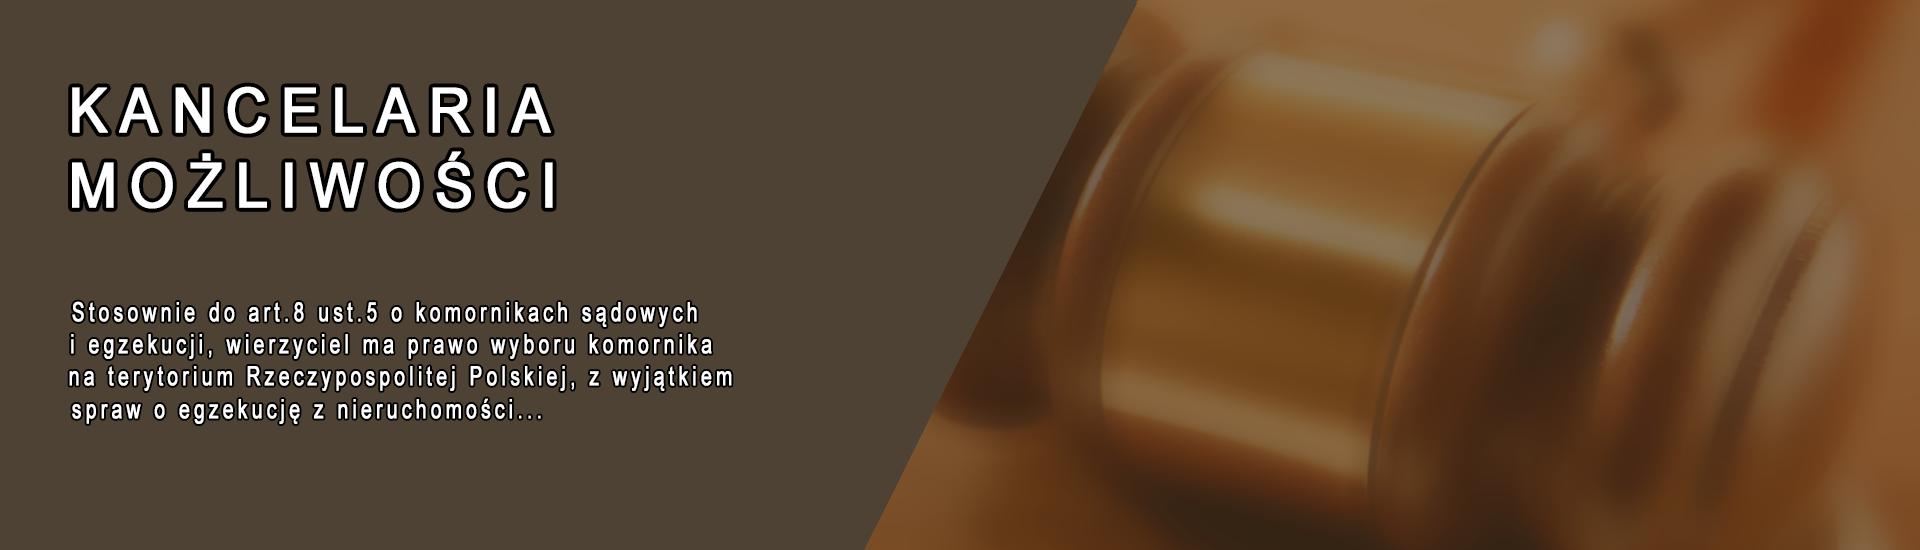 Komornik Sądowy przy Sądzie Rejonowym Wejherowo - w Wejherowie